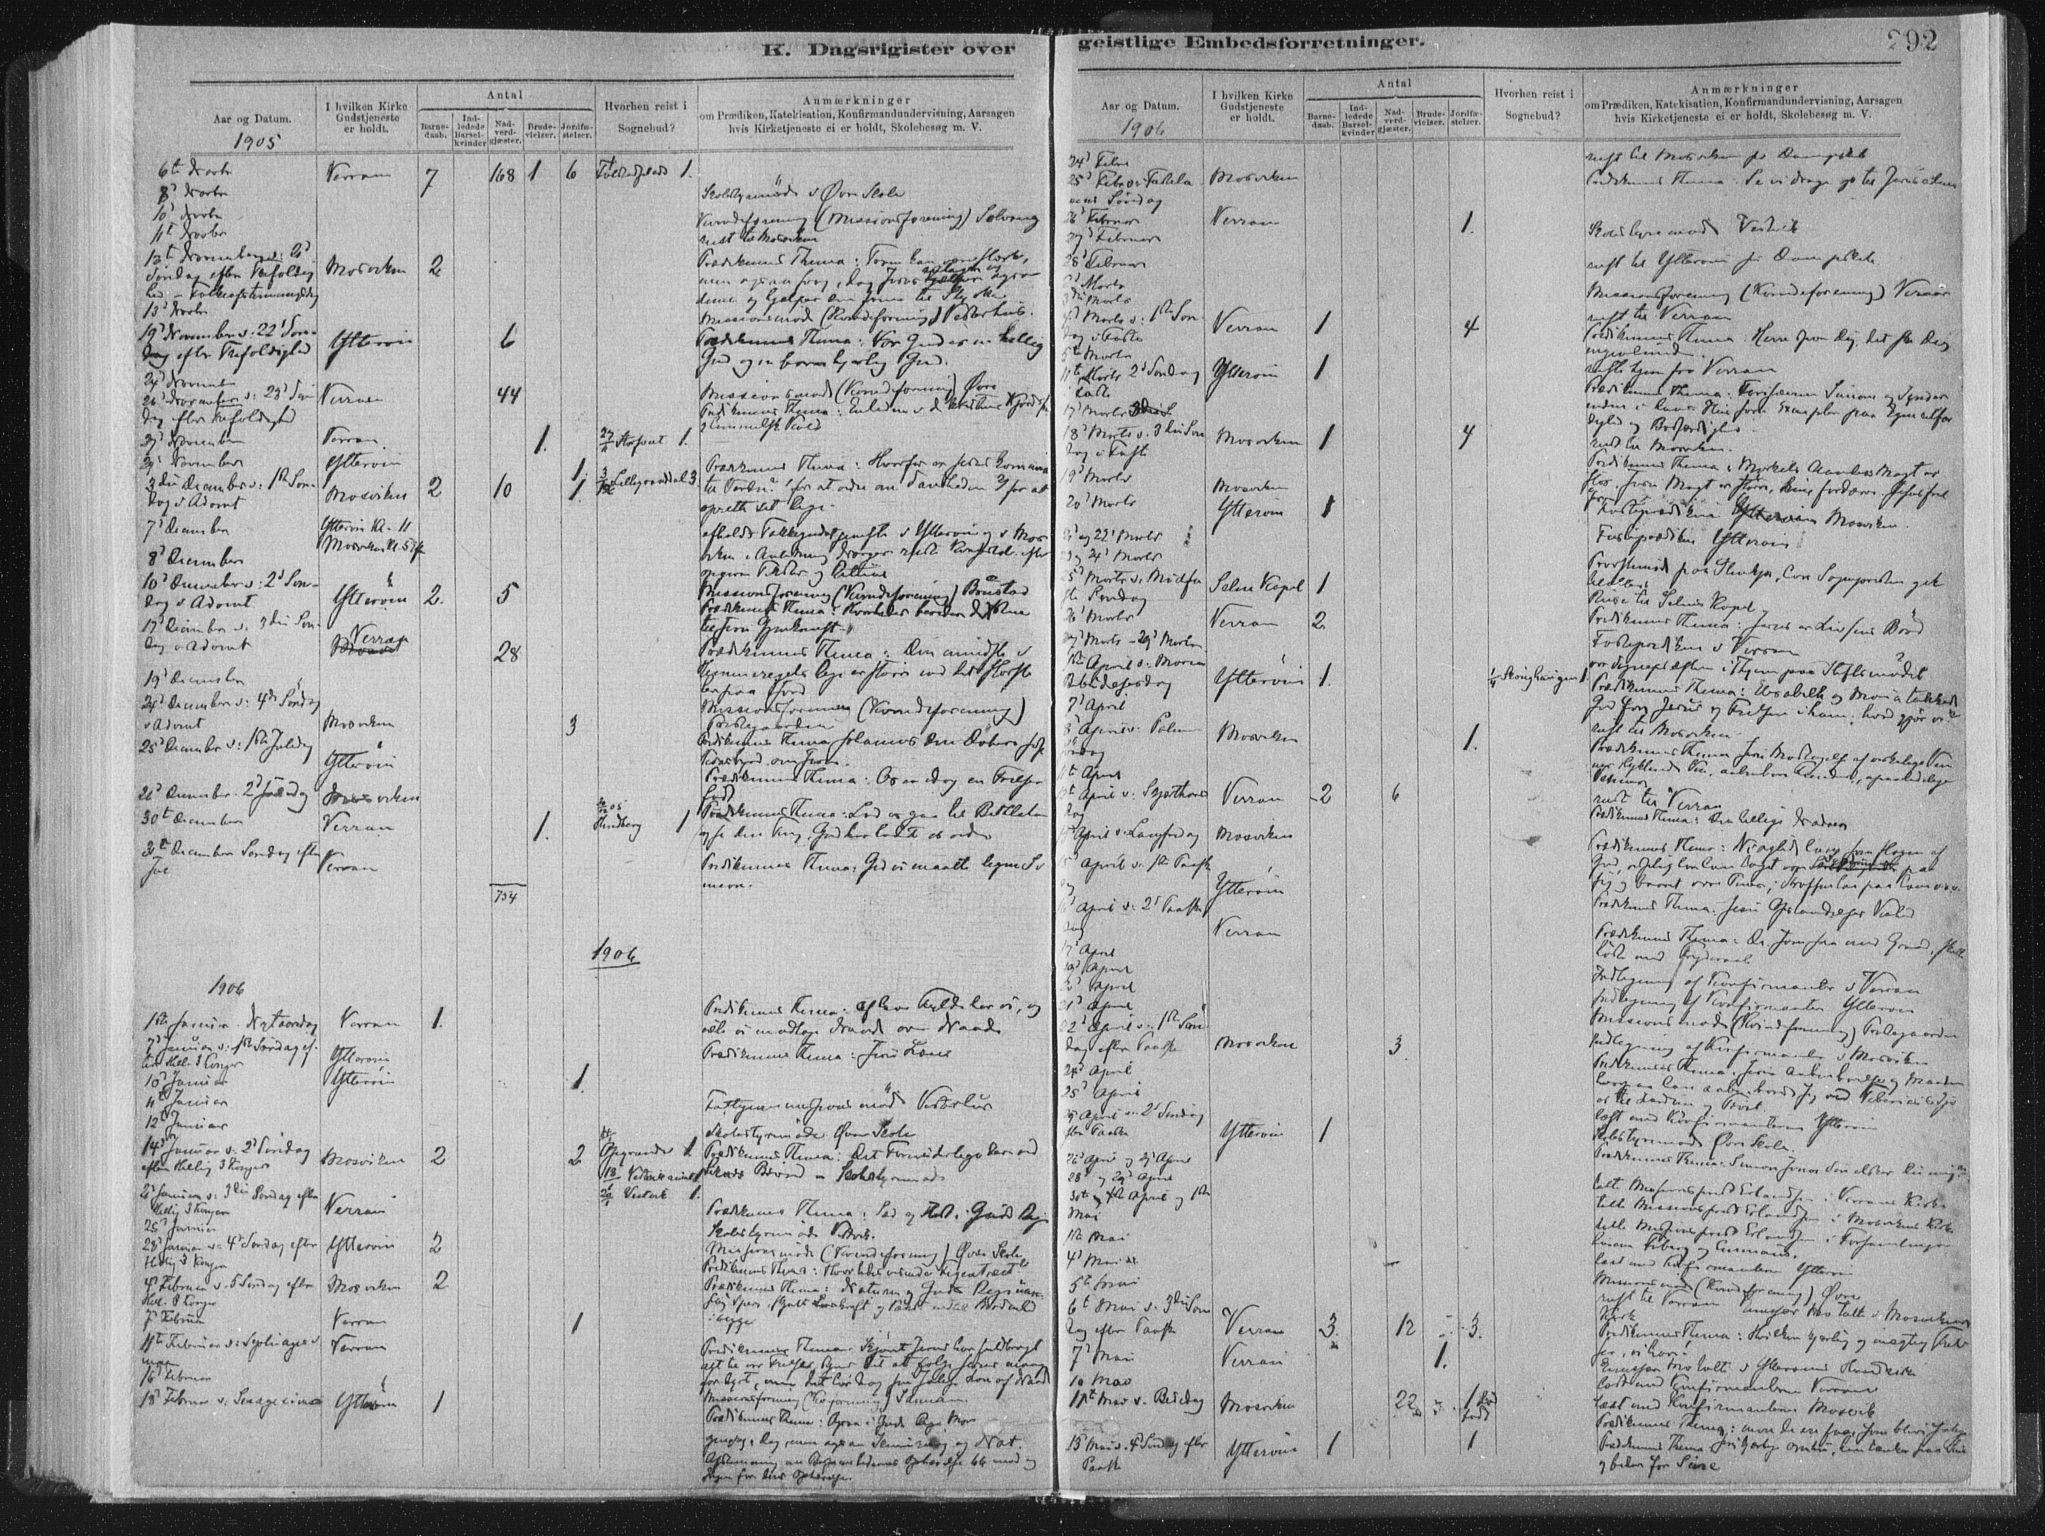 SAT, Ministerialprotokoller, klokkerbøker og fødselsregistre - Nord-Trøndelag, 722/L0220: Ministerialbok nr. 722A07, 1881-1908, s. 292